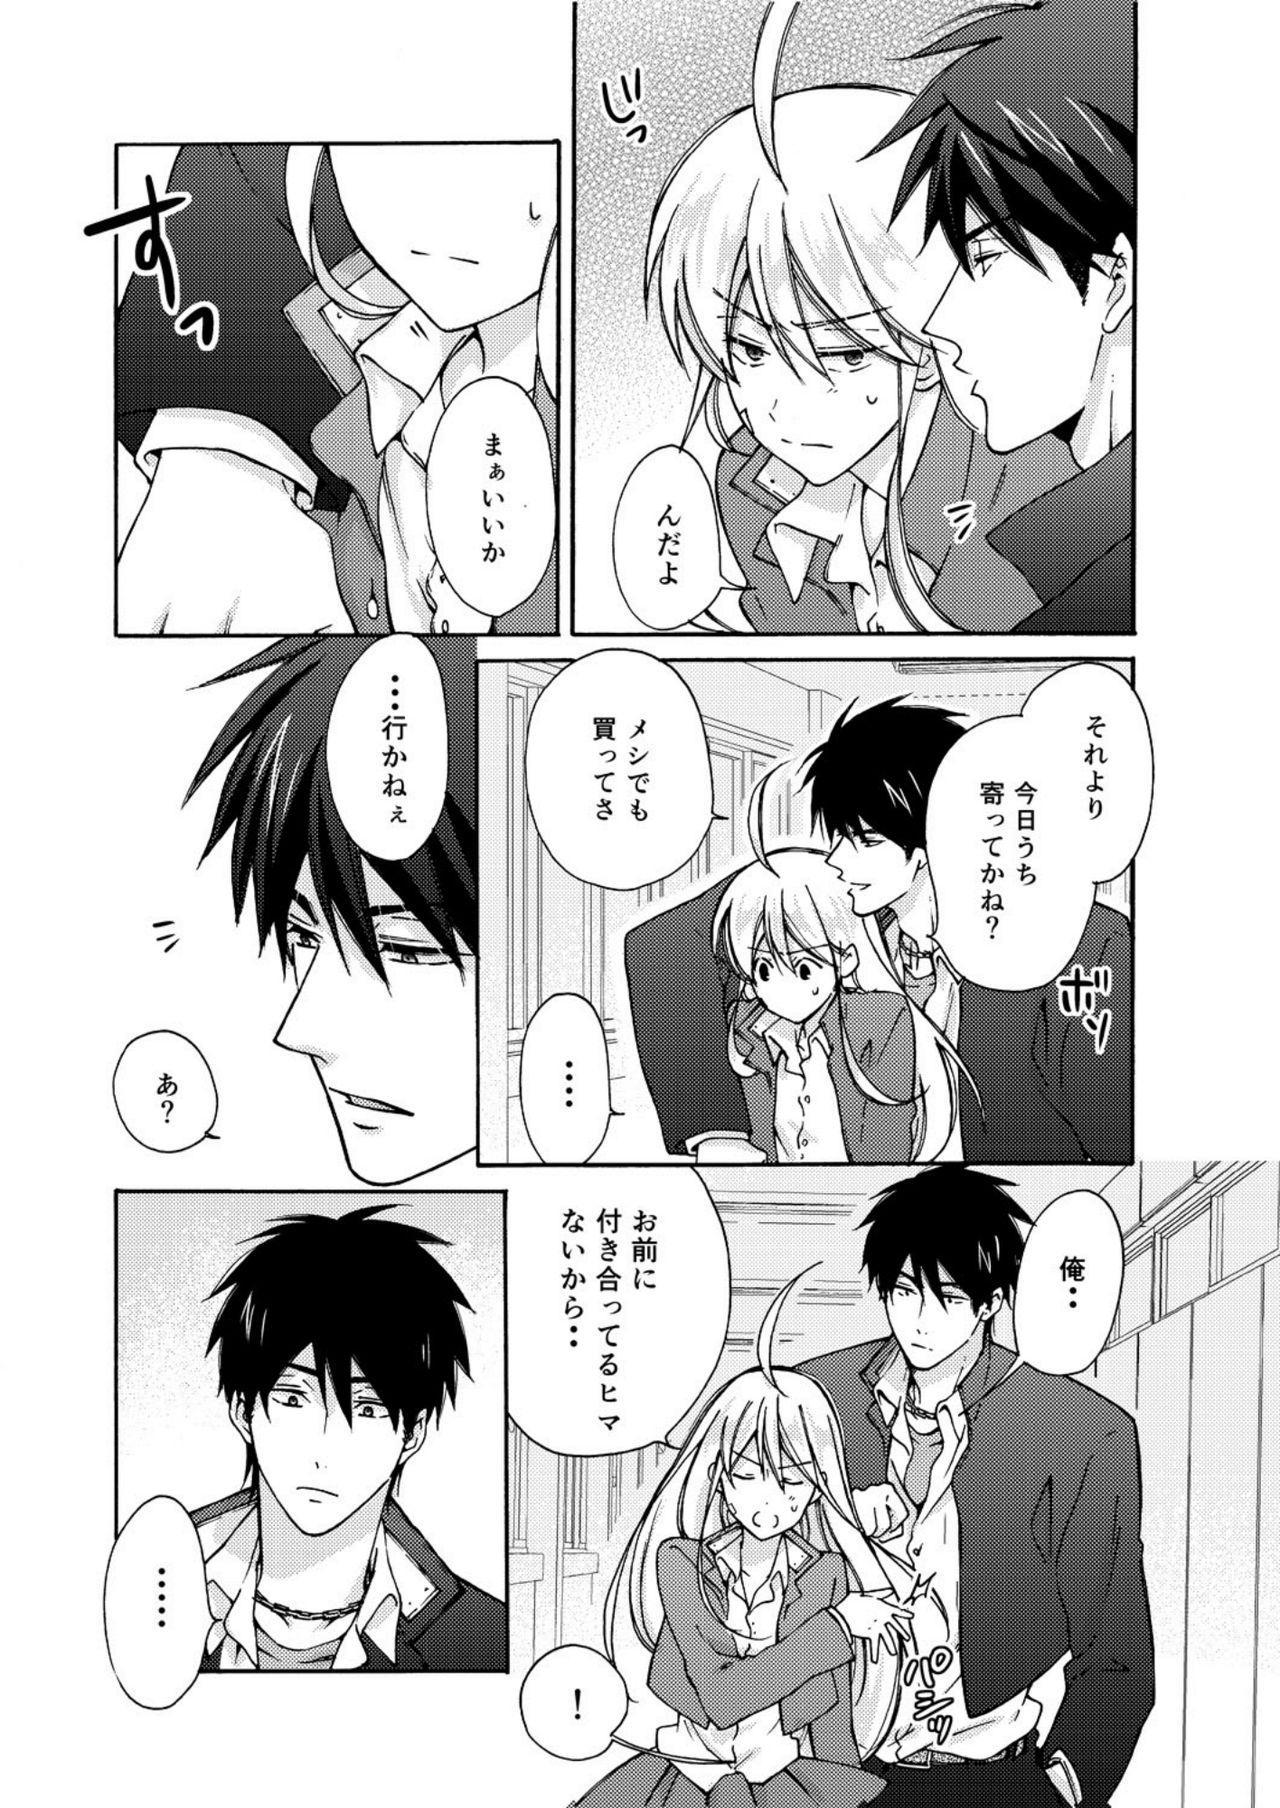 Nyotaika Yankee Gakuen ☆ Ore no Hajimete, Nerawaretemasu. 5 15